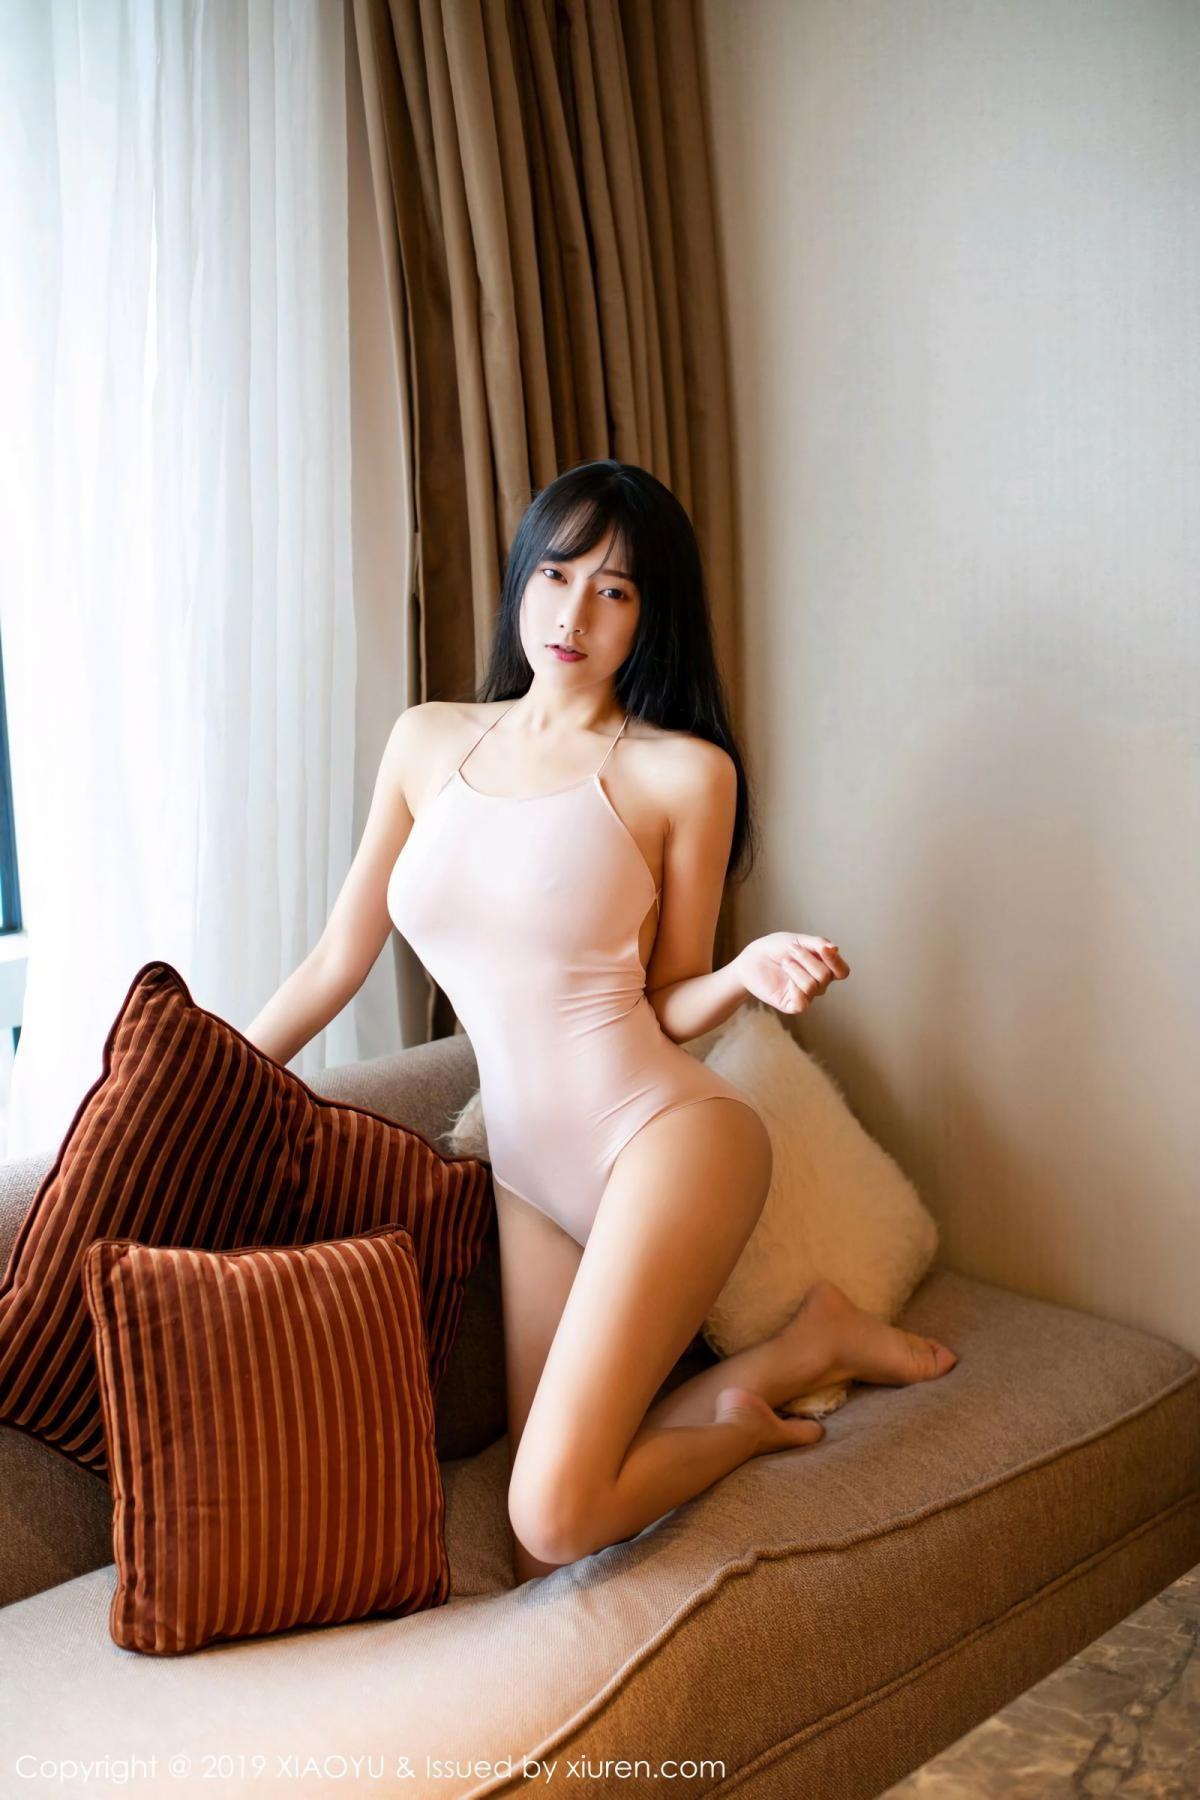 [XiaoYu] Vol.097 He Jia Ying 6P, He Jia Ying, Tall, XiaoYu